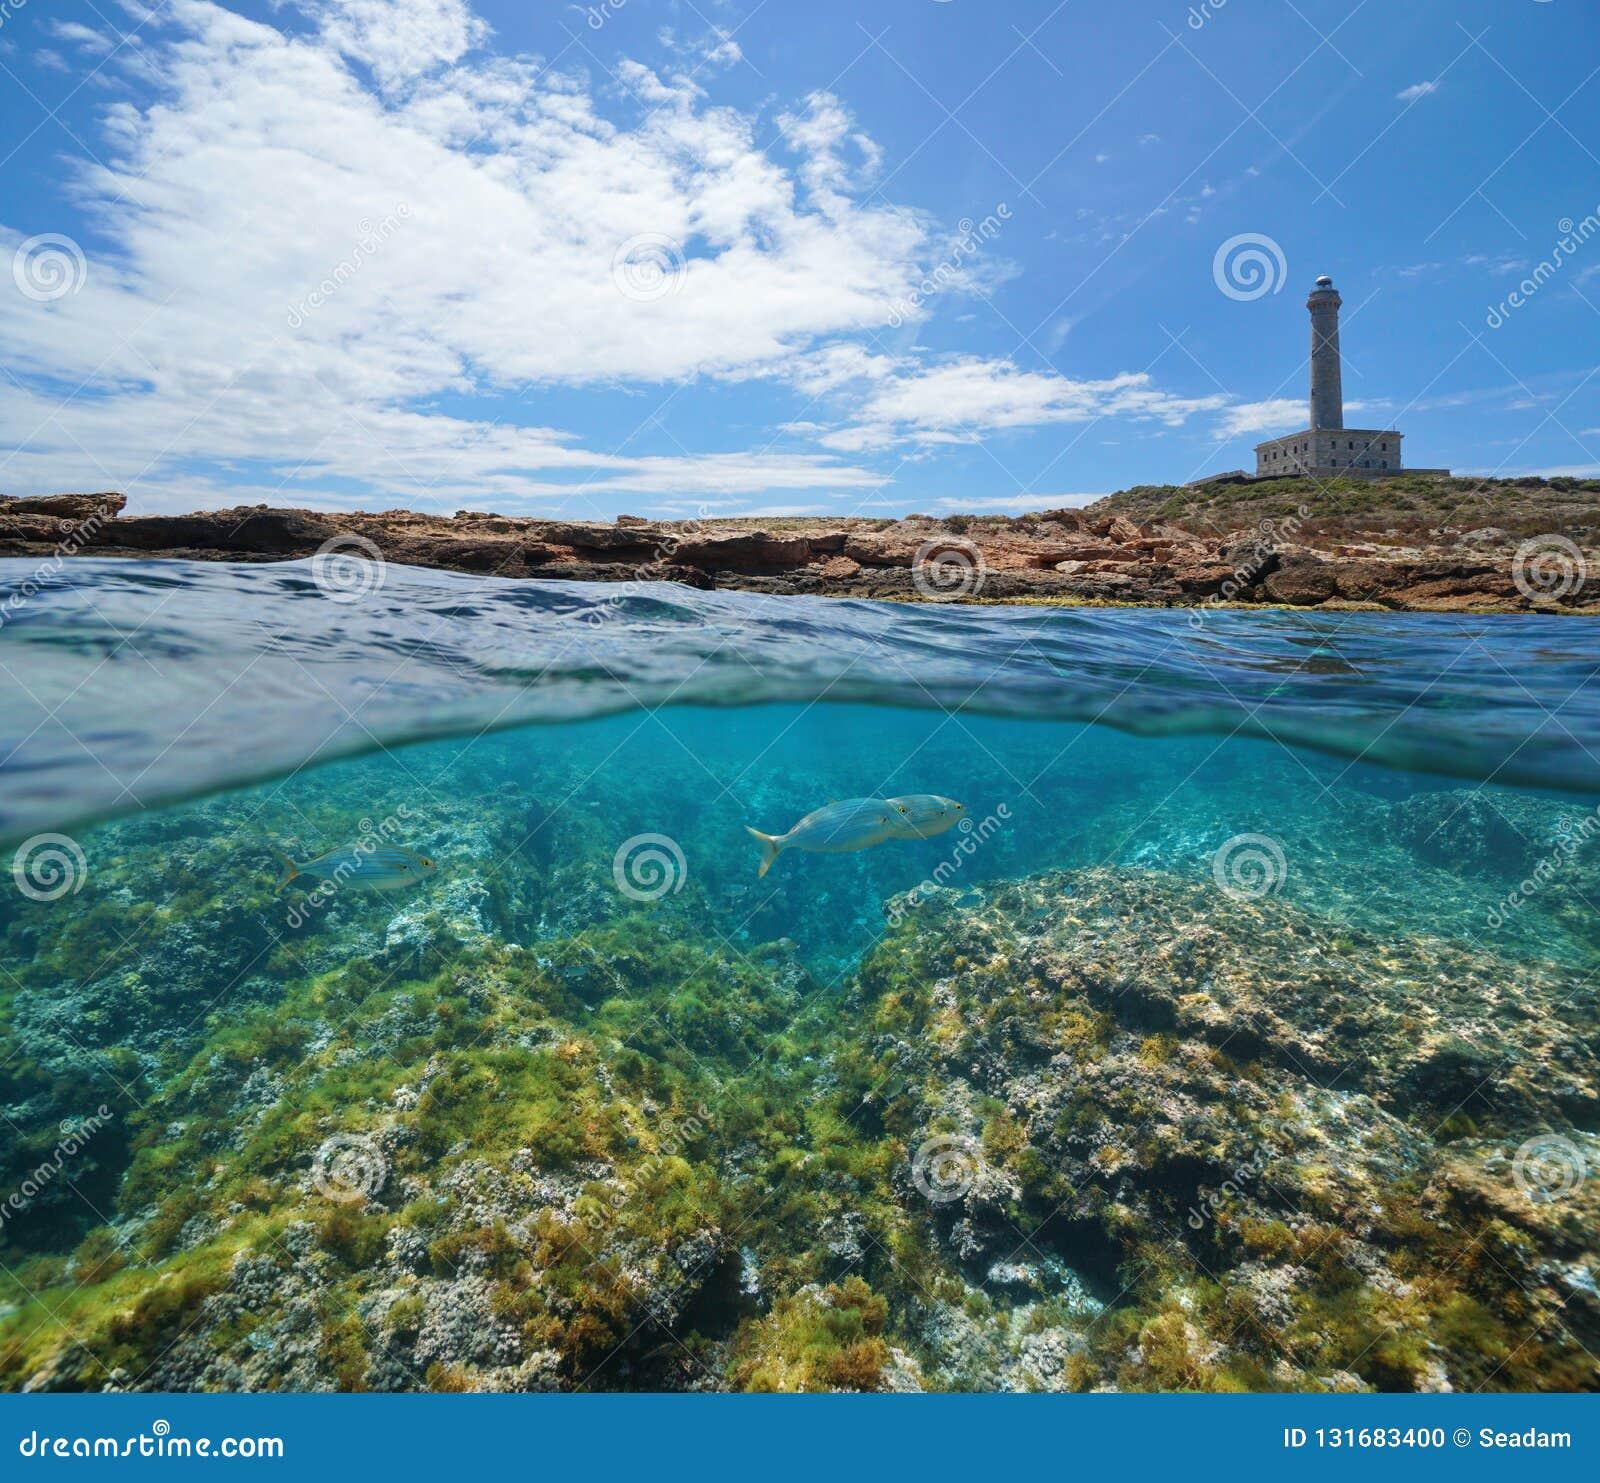 Küstenlinie mit einem Leuchtturm und einem felsigen Meeresgrund mit Fischen unter Wasser